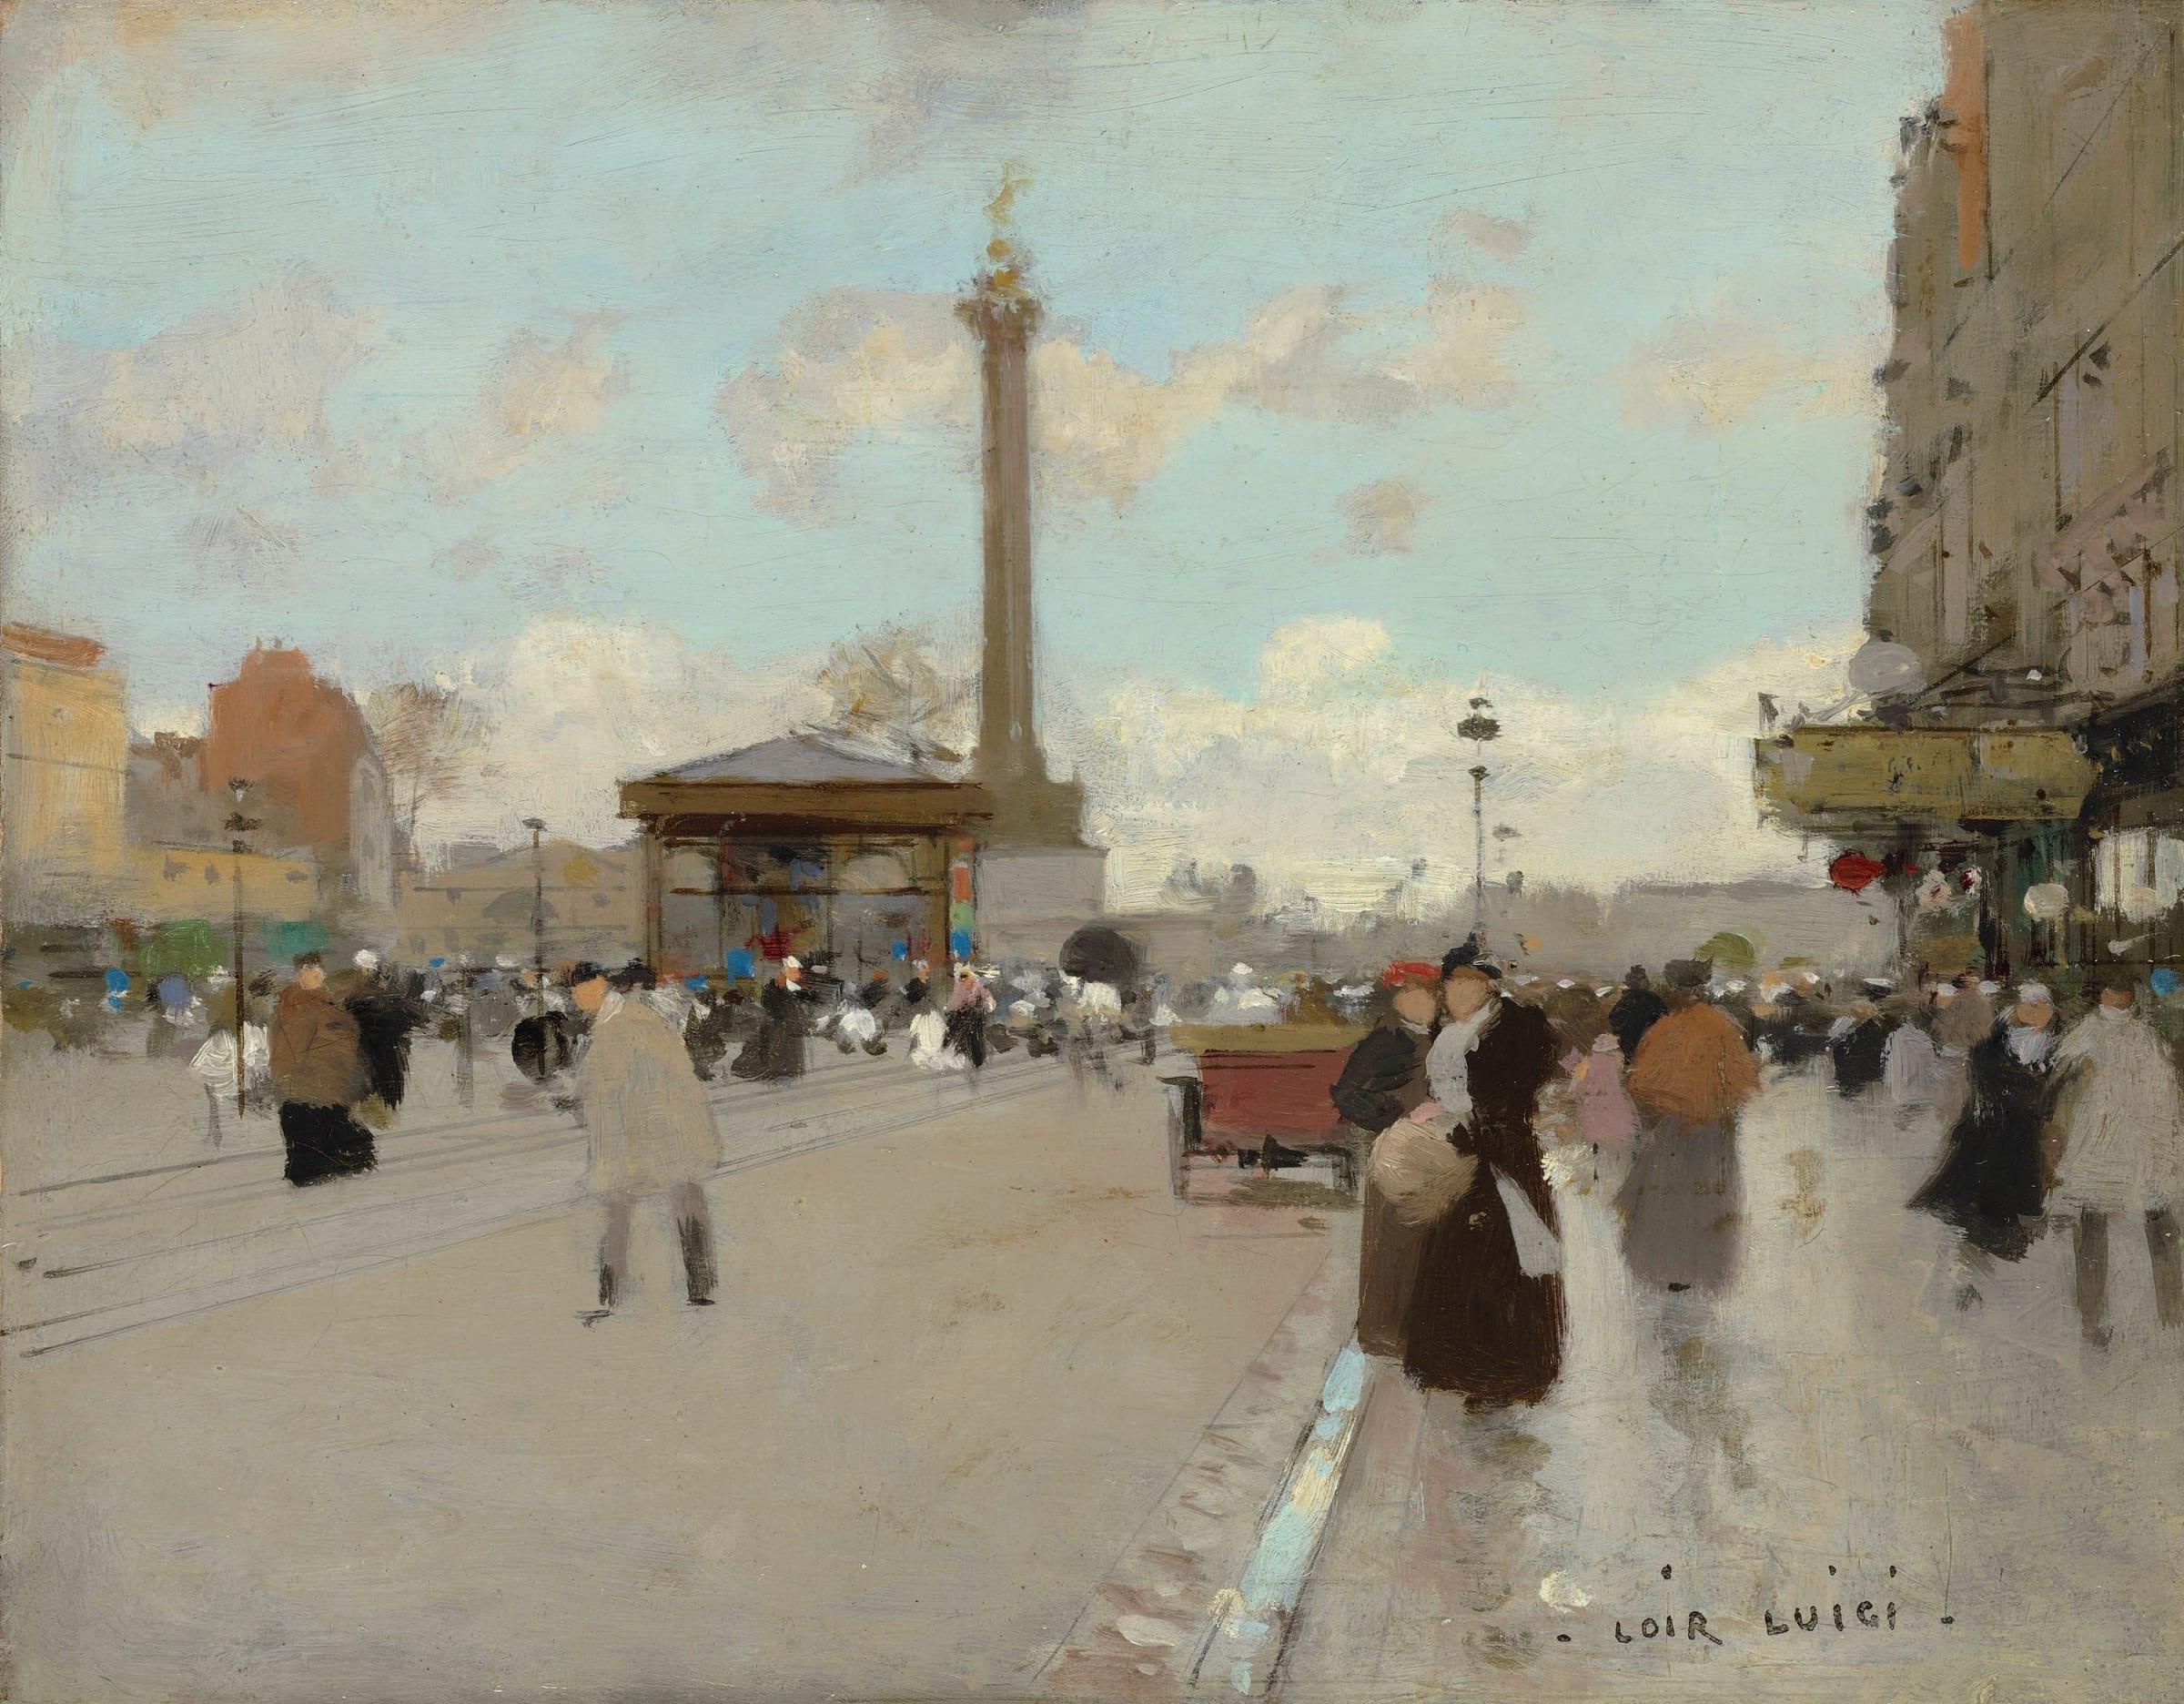 <span class=&#34;link fancybox-details-link&#34;><a href=&#34;/artists/59-luigi-loir/works/9400-luigi-loir-place-de-la-bastille-paris/&#34;>View Detail Page</a></span><div class=&#34;artist&#34;><span class=&#34;artist&#34;><strong>Luigi Loir</strong></span></div><div class=&#34;title&#34;><em>Place de la Bastille, Paris</em></div><div class=&#34;signed_and_dated&#34;>Signed lower right Loir Luigi</div><div class=&#34;medium&#34;>Oil on board laid down on panel</div><div class=&#34;dimensions&#34;>19.6 x 25 cm<br /> 7 ¾ x 9 7/8 inches</div>